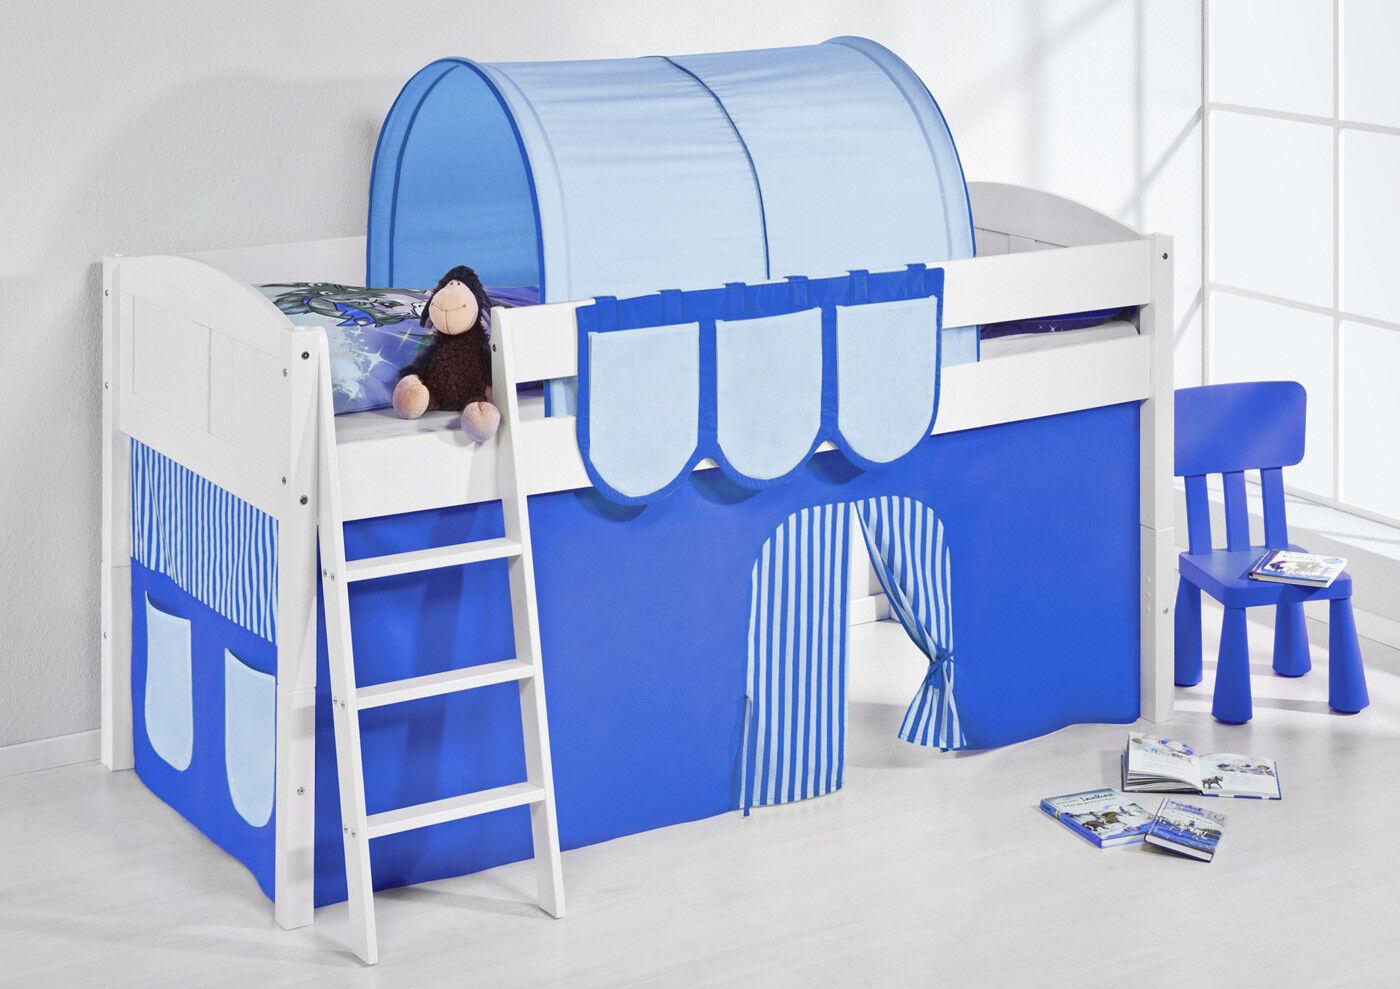 Lit Lit -landi Bleu Bleu Clair -teilbar-kiefer Blanc-Avec Rideau